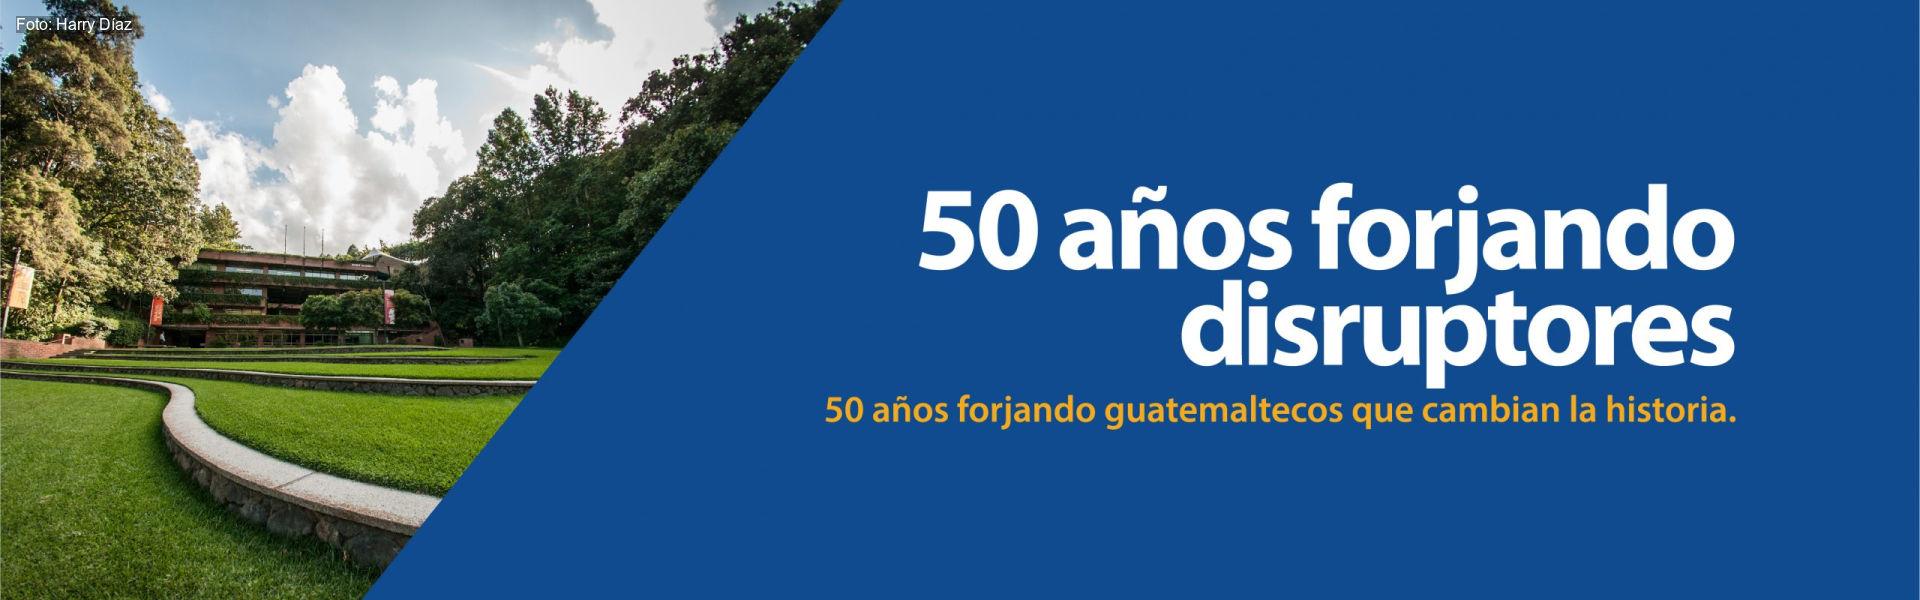 Banner 50 años1